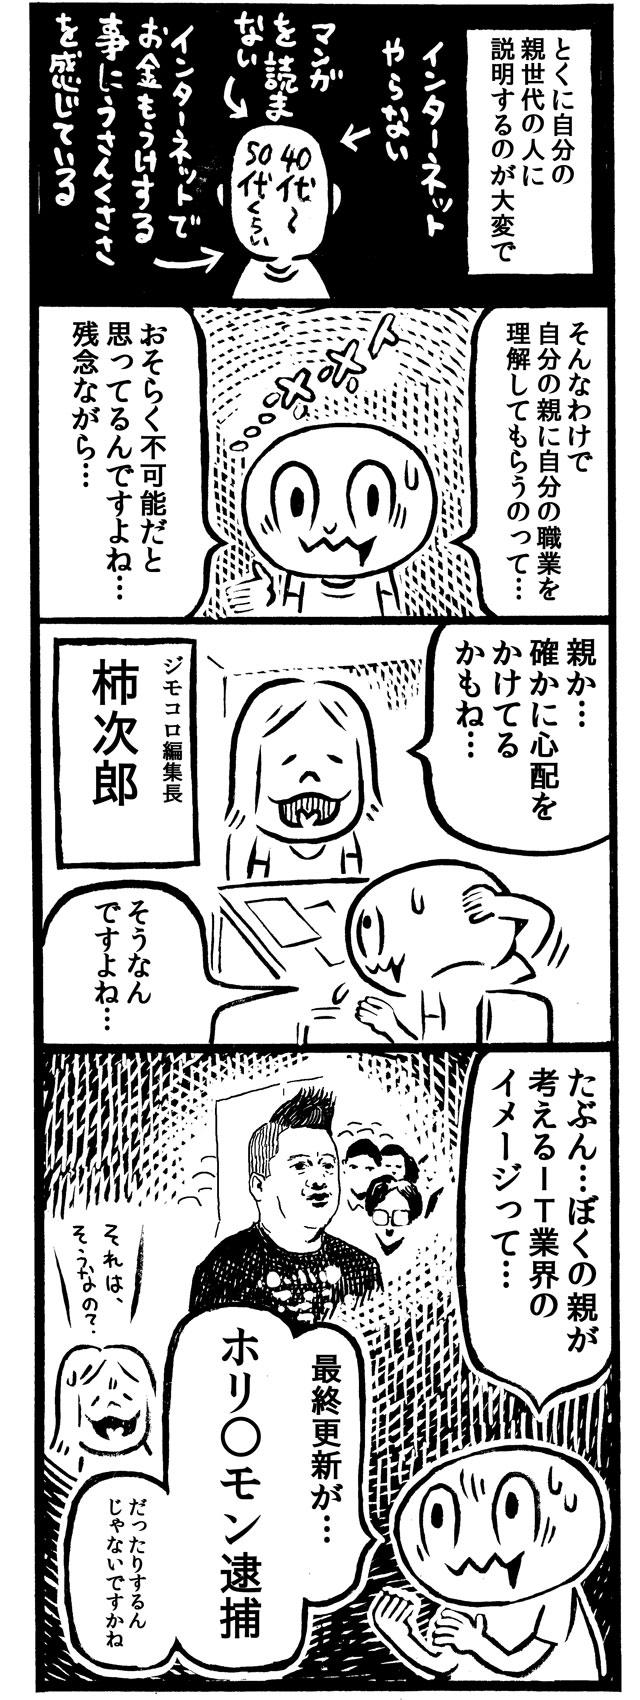 f:id:kakijiro:20151109160552j:plain